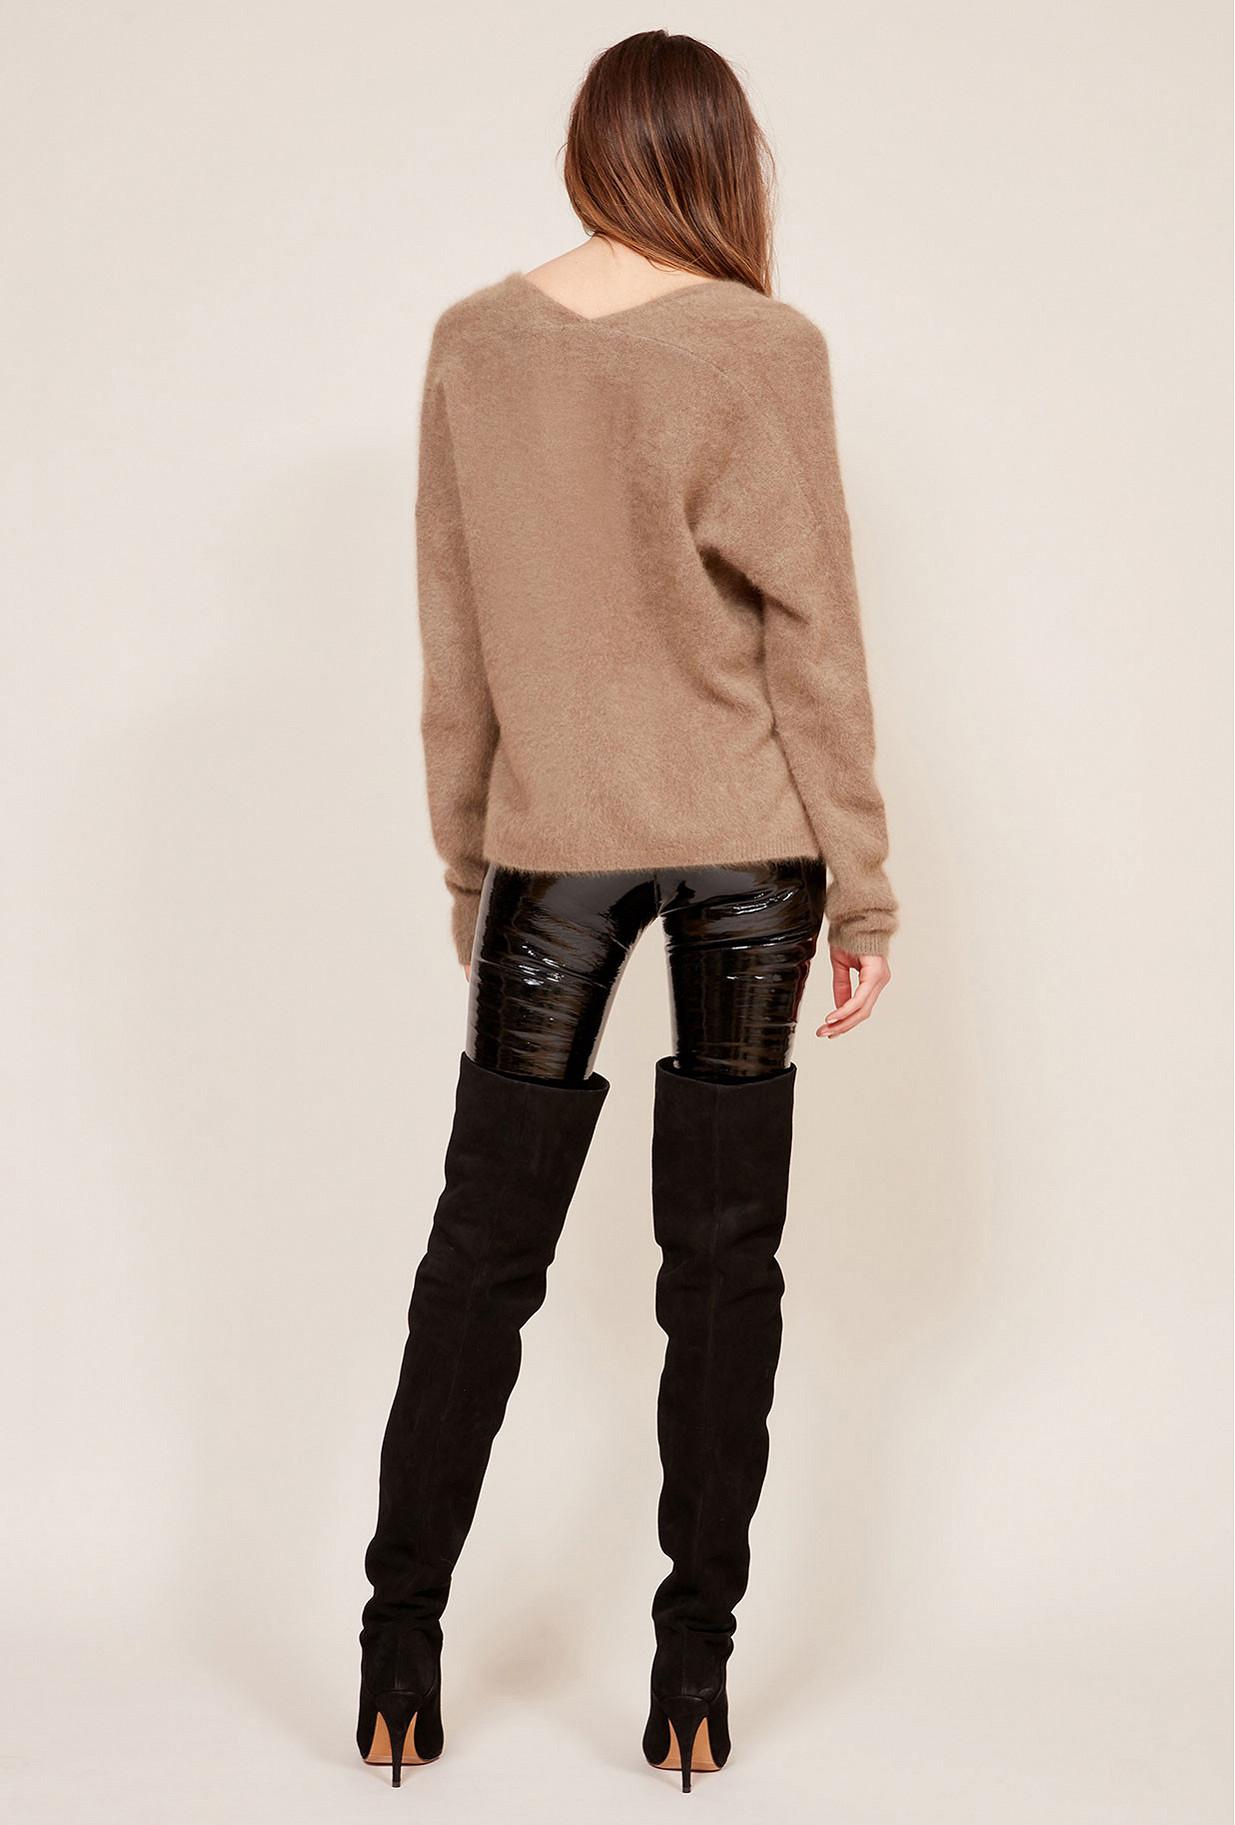 Paris boutique de mode vêtement Pull créateur bohème  Elizabeth